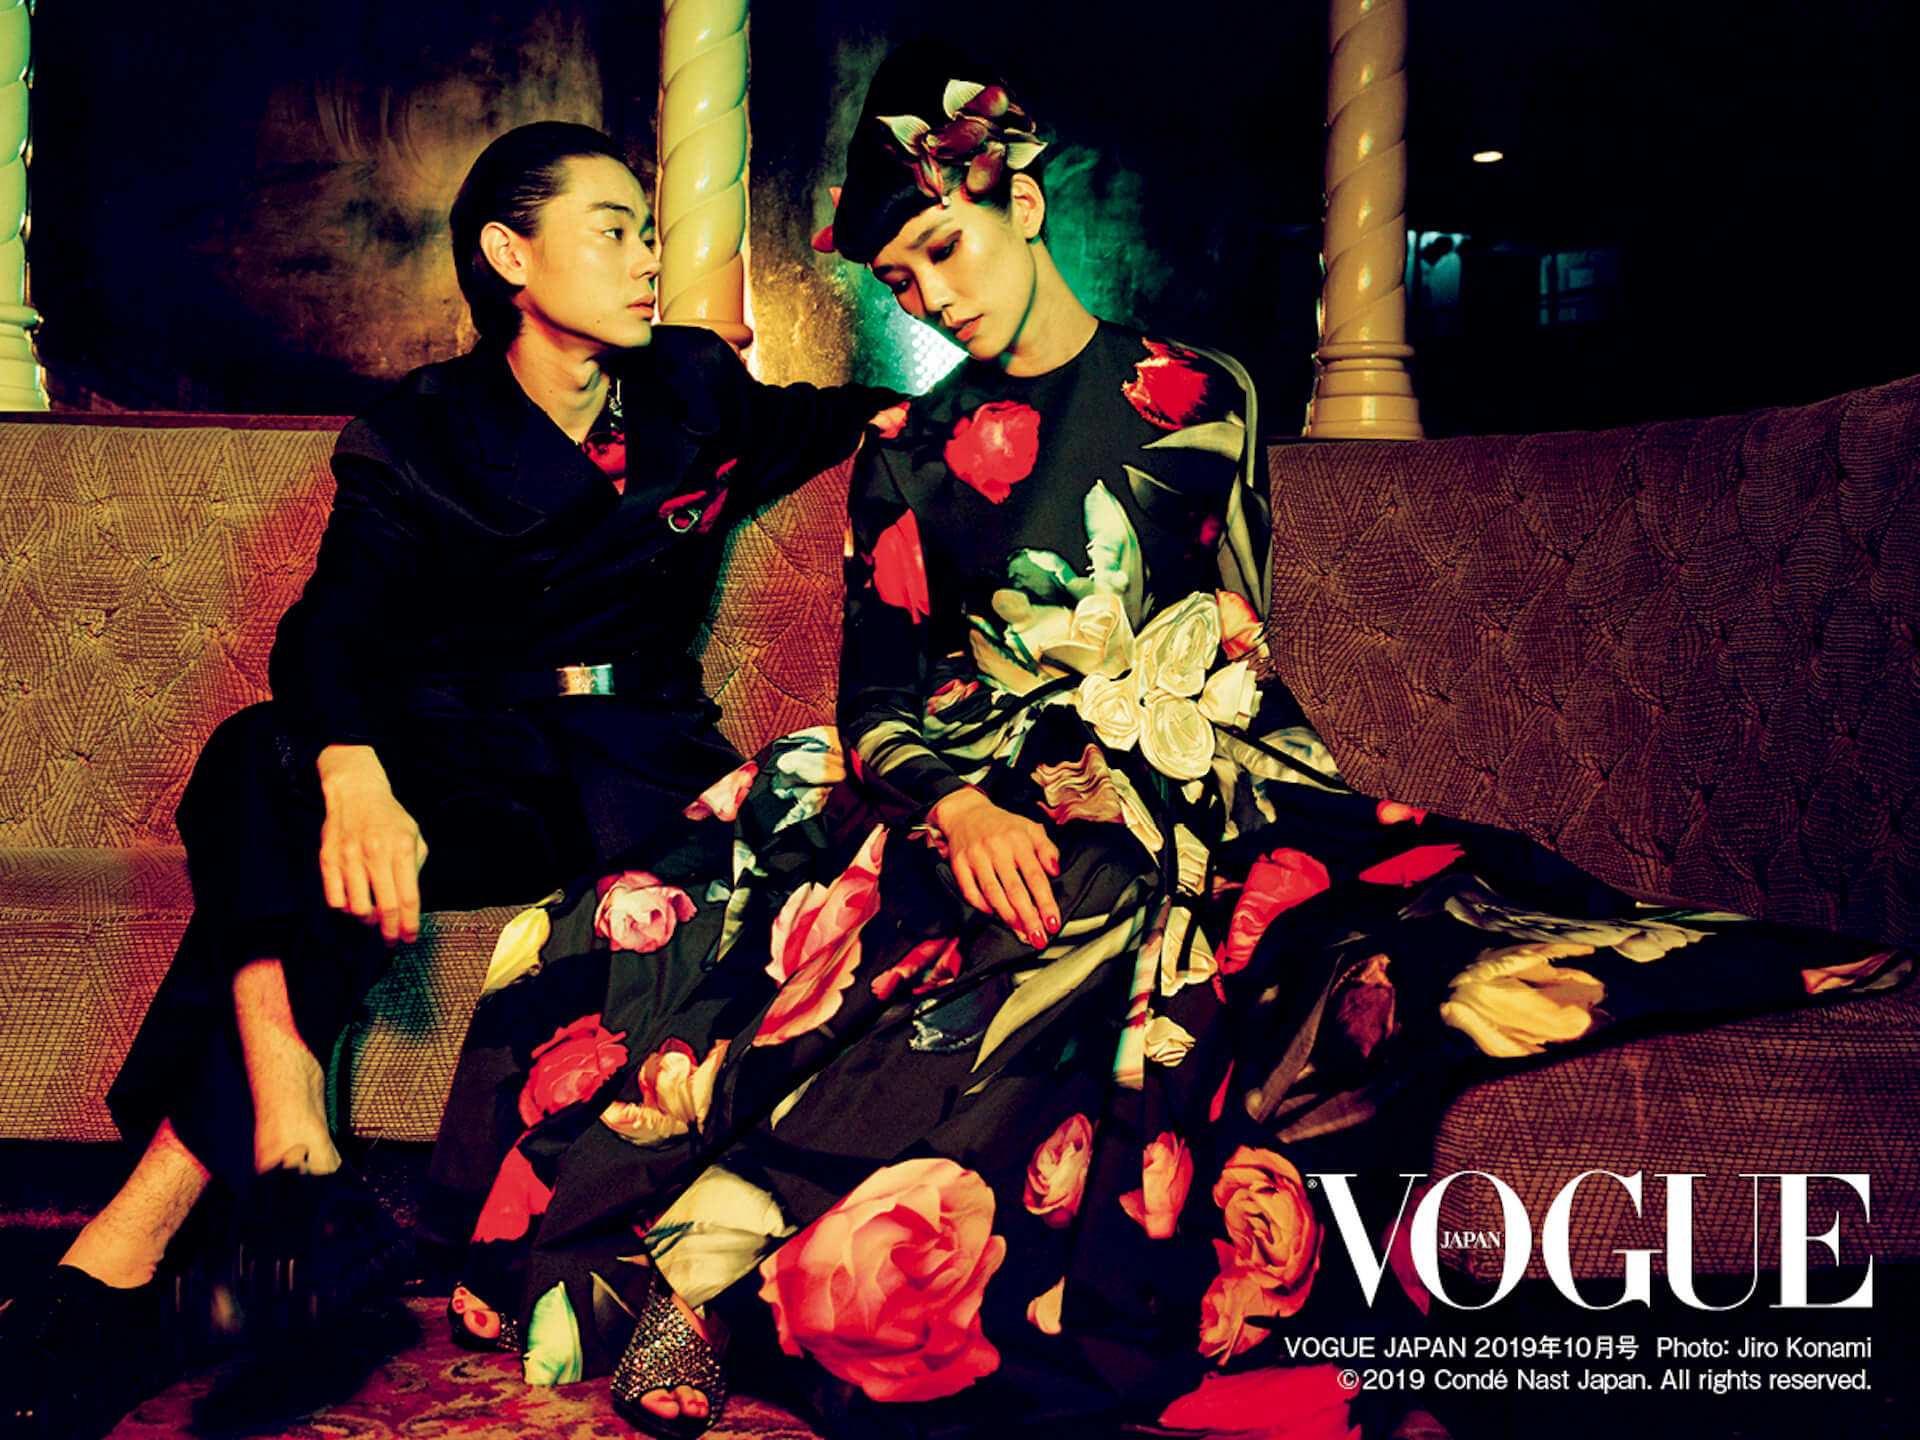 菅田将暉&TAO、1920年代風ファッションに身を包み『VOGUE JAPAN』に登場 life190828_vogue_sudamasaki_tao_main-1920x1440